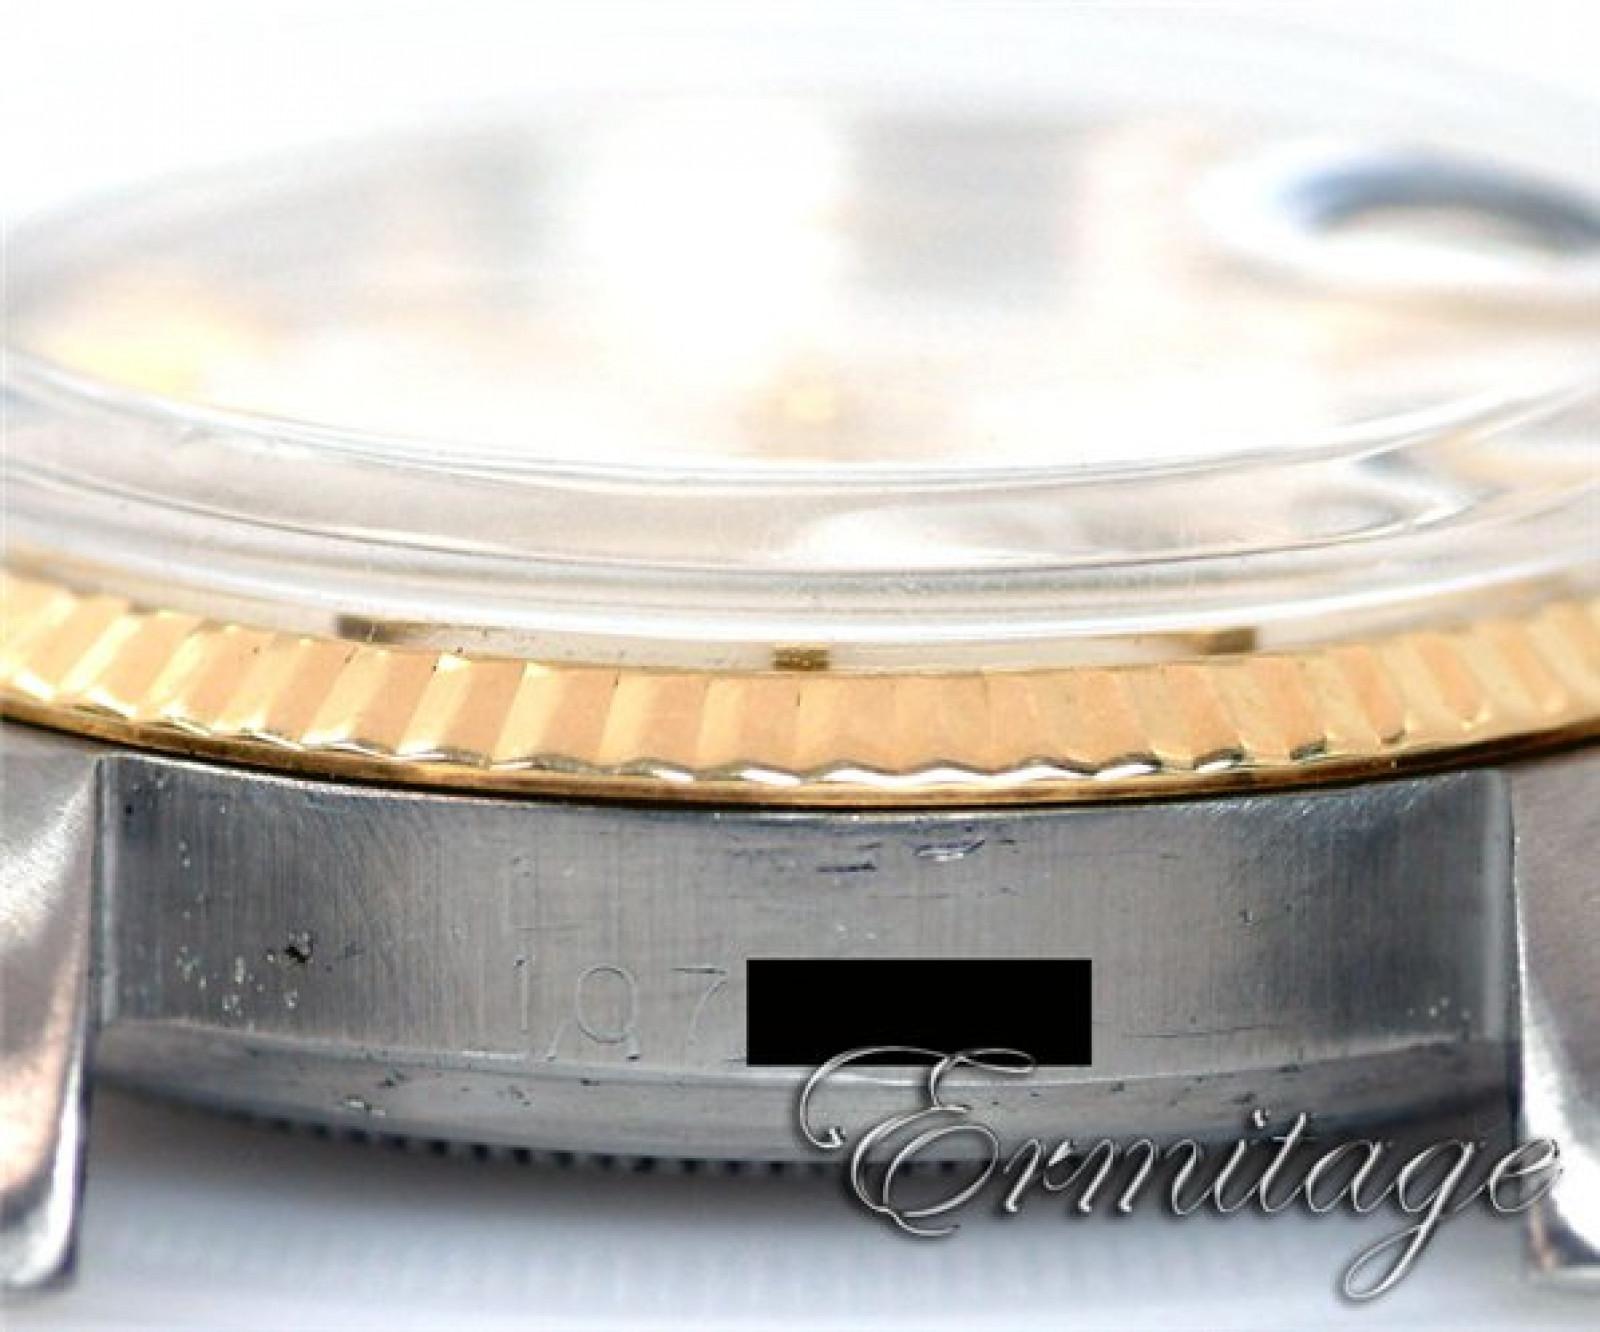 Vintage Rare Rolex Datejust 1601 Gold & Steel Year 1964